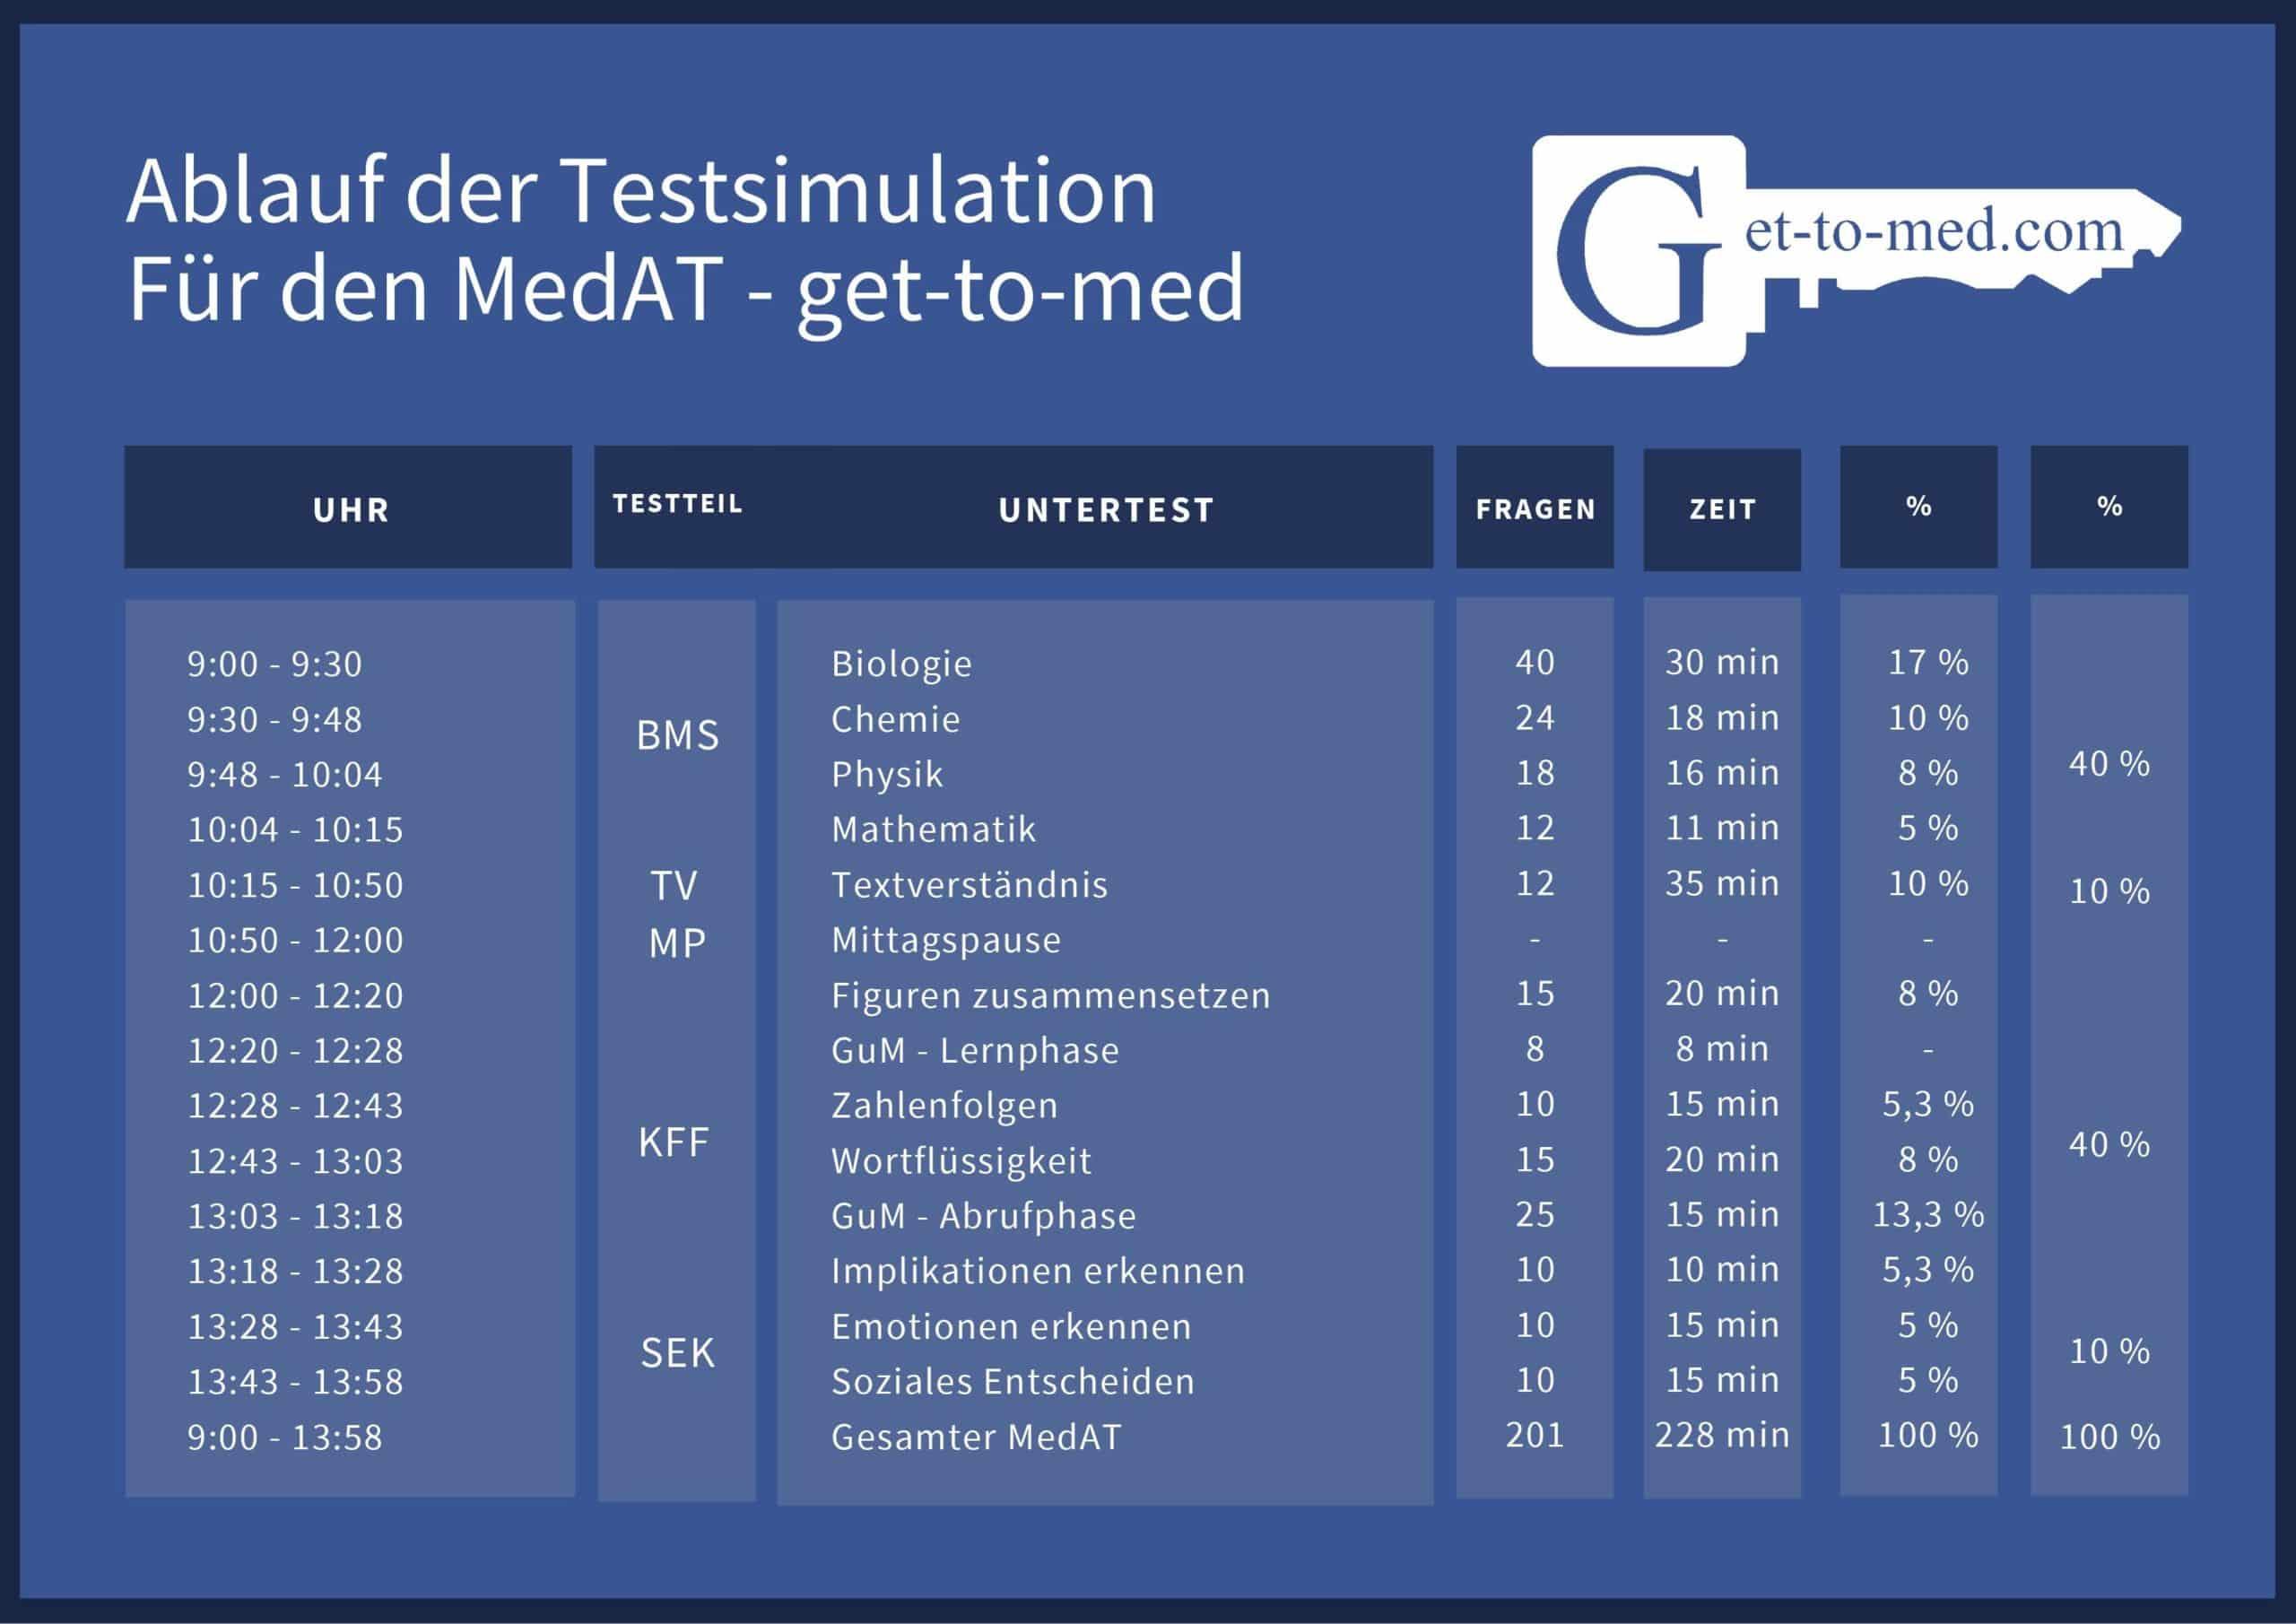 Testsimulation Ablauf get to med